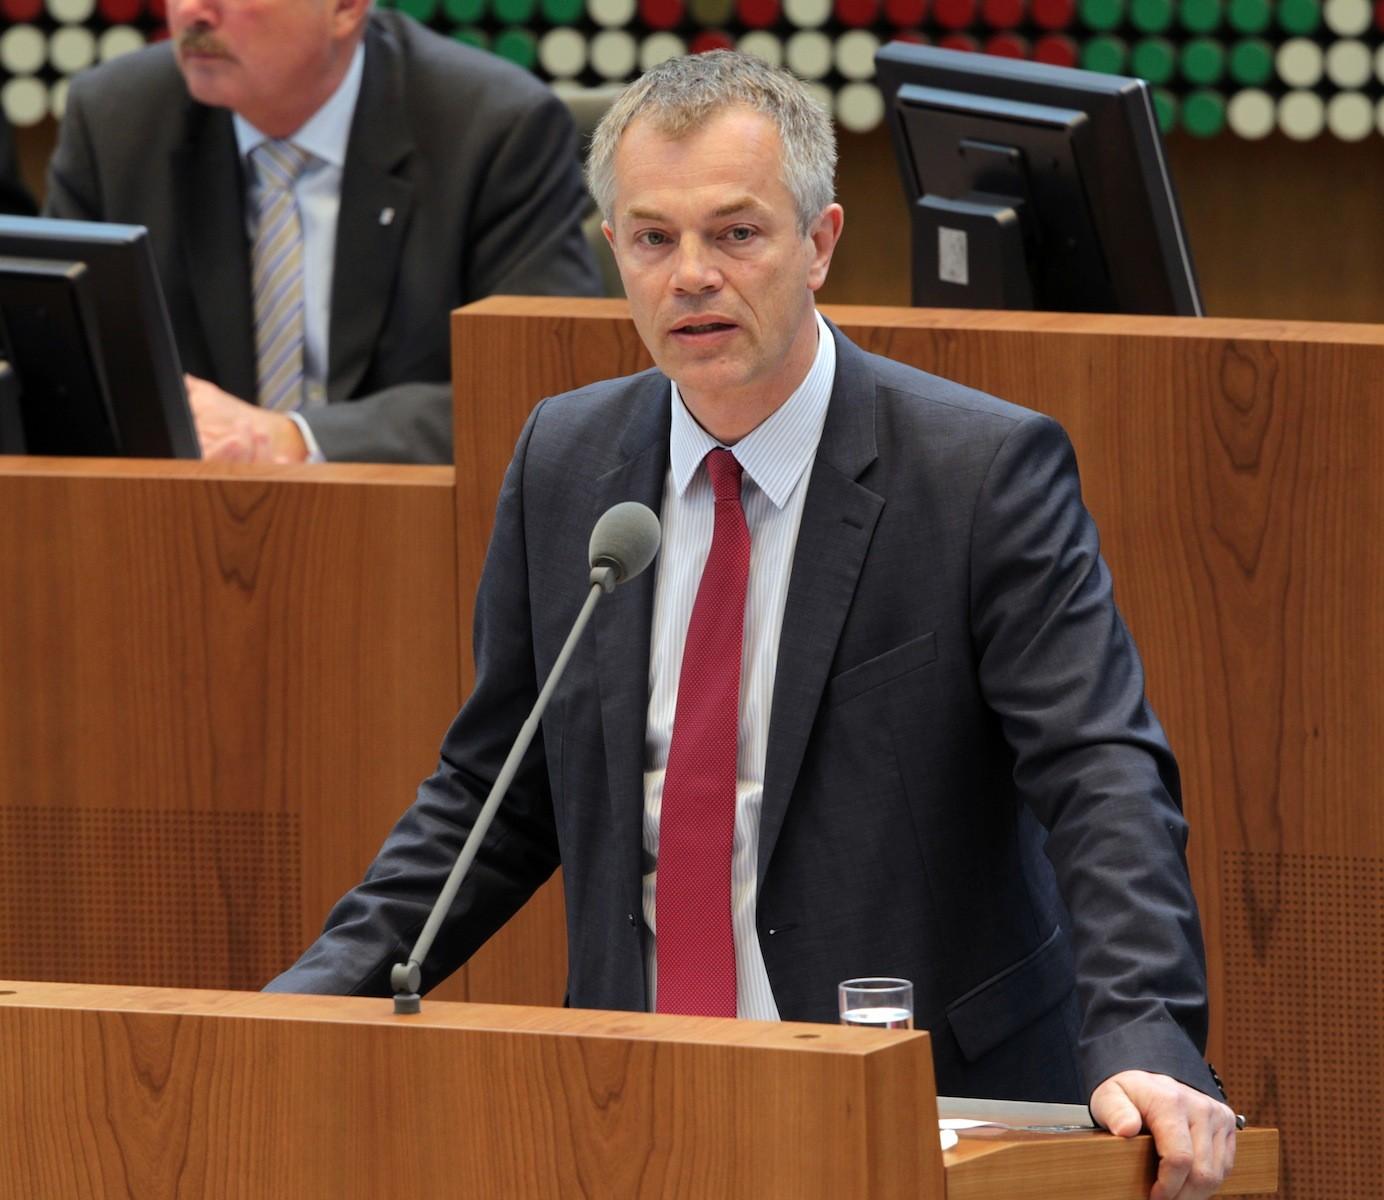 Foto: Bernd Schälte/Bildarchiv des Landtags NRW